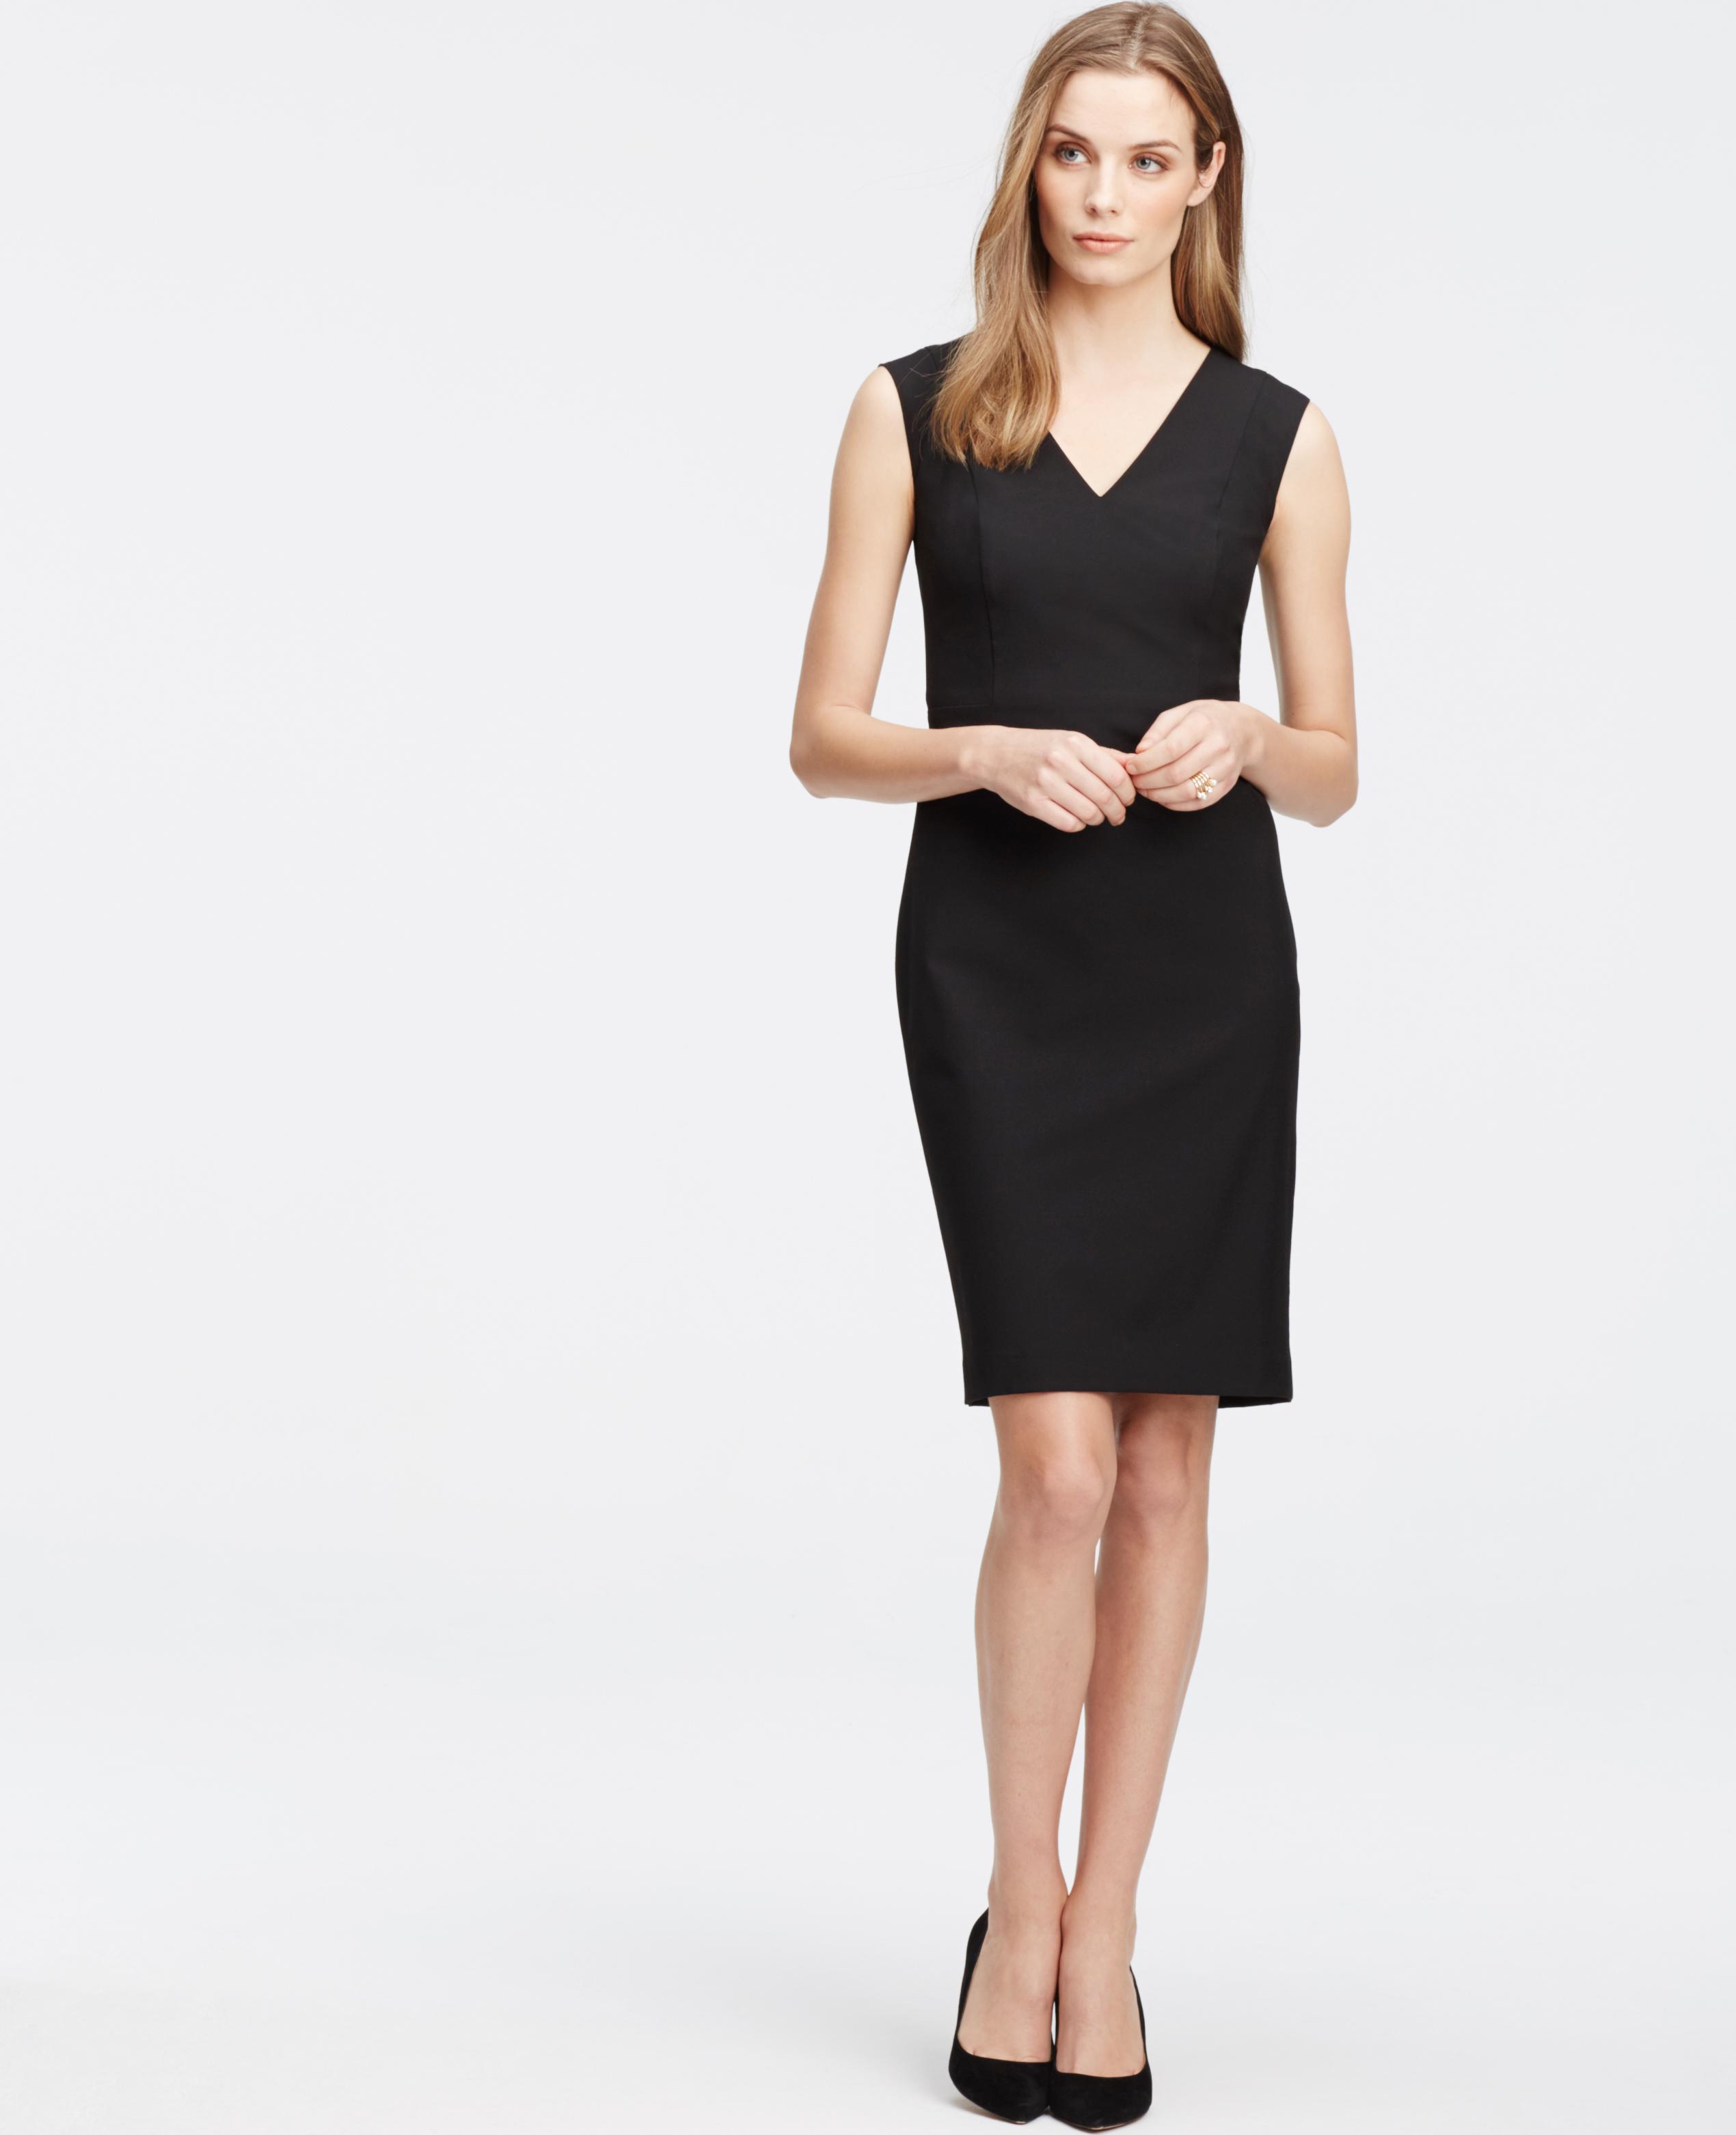 Lyst - Ann Taylor Petite All-season Stretch Seamed Sheath Dress in Black